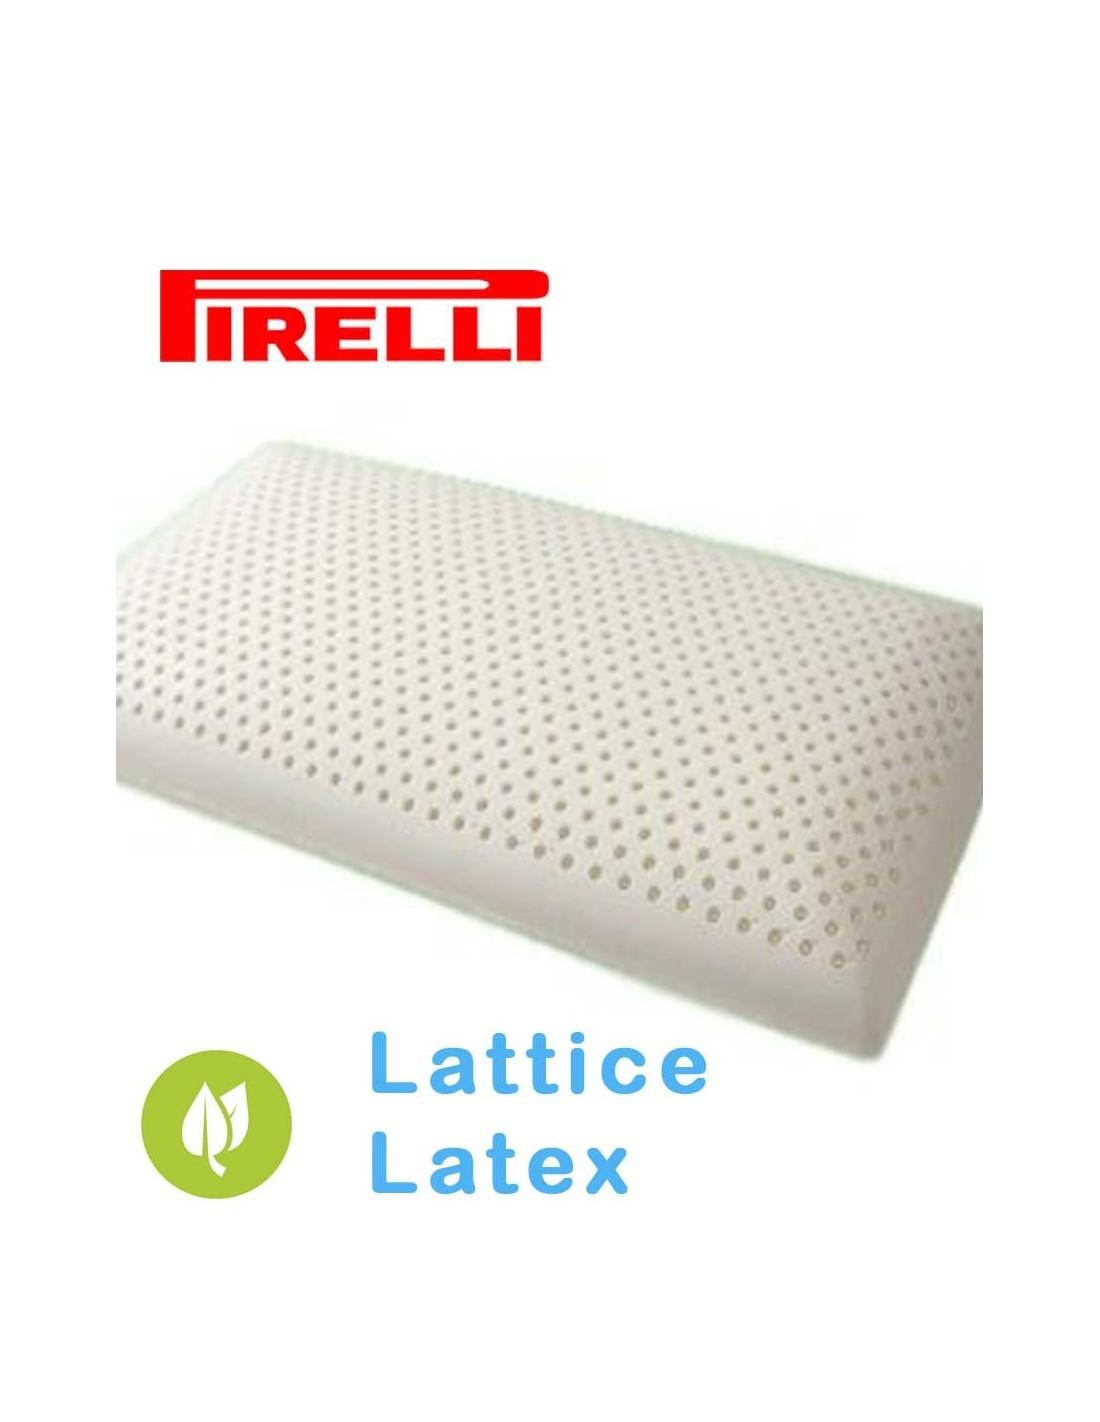 Cuscini lattice Pirelli Originali miglior prezzo acquista online